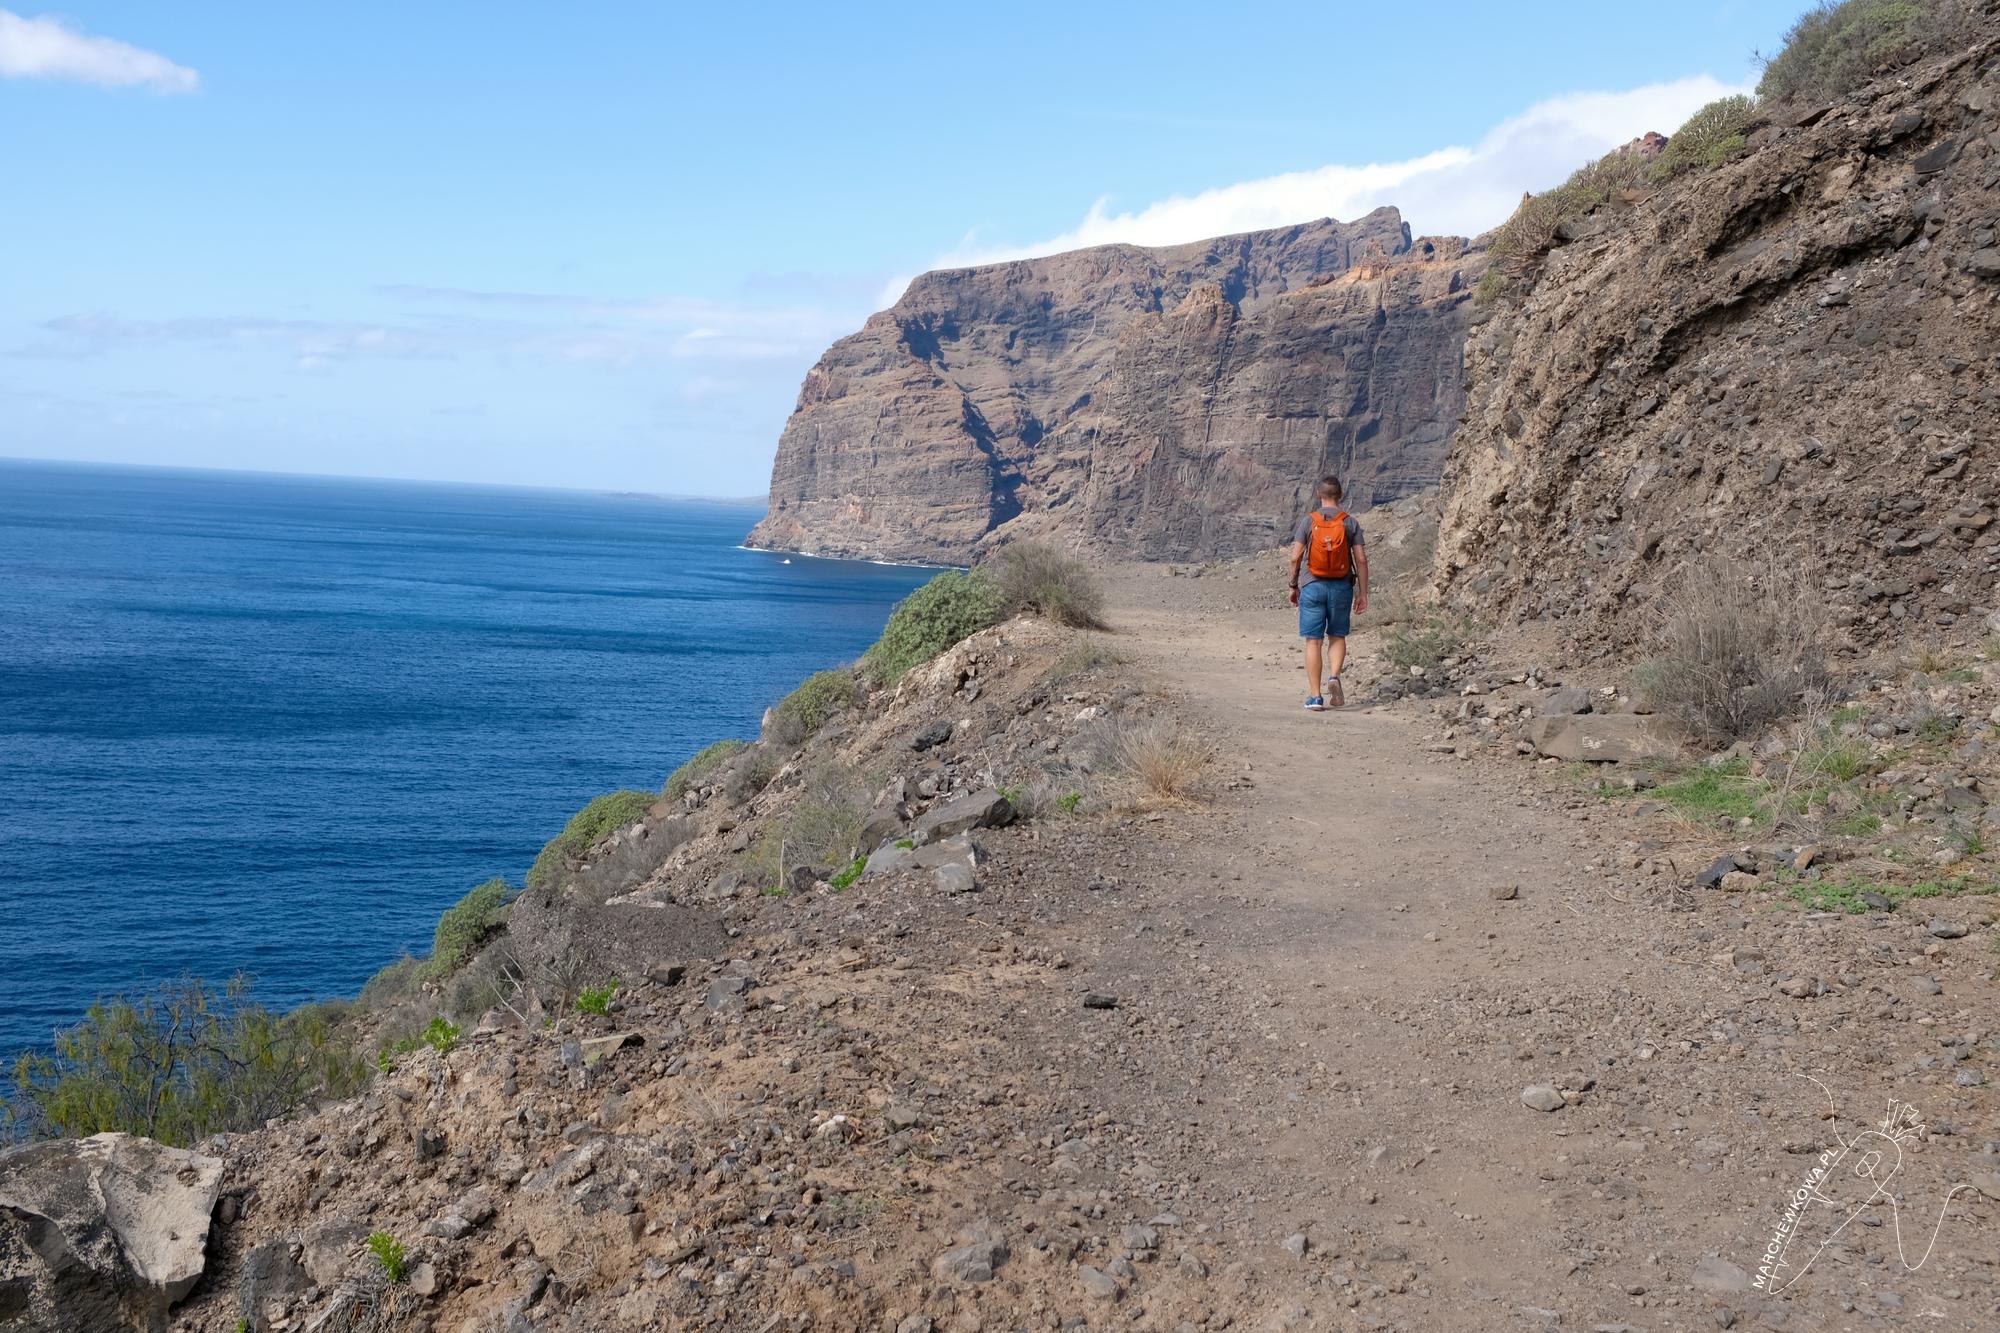 marchewkowa, blog, travel, vacation, Tenerife, urlop, wyprawa, wakacje, Teneryfa, Wyspy Kanaryjskie, Canary Islands